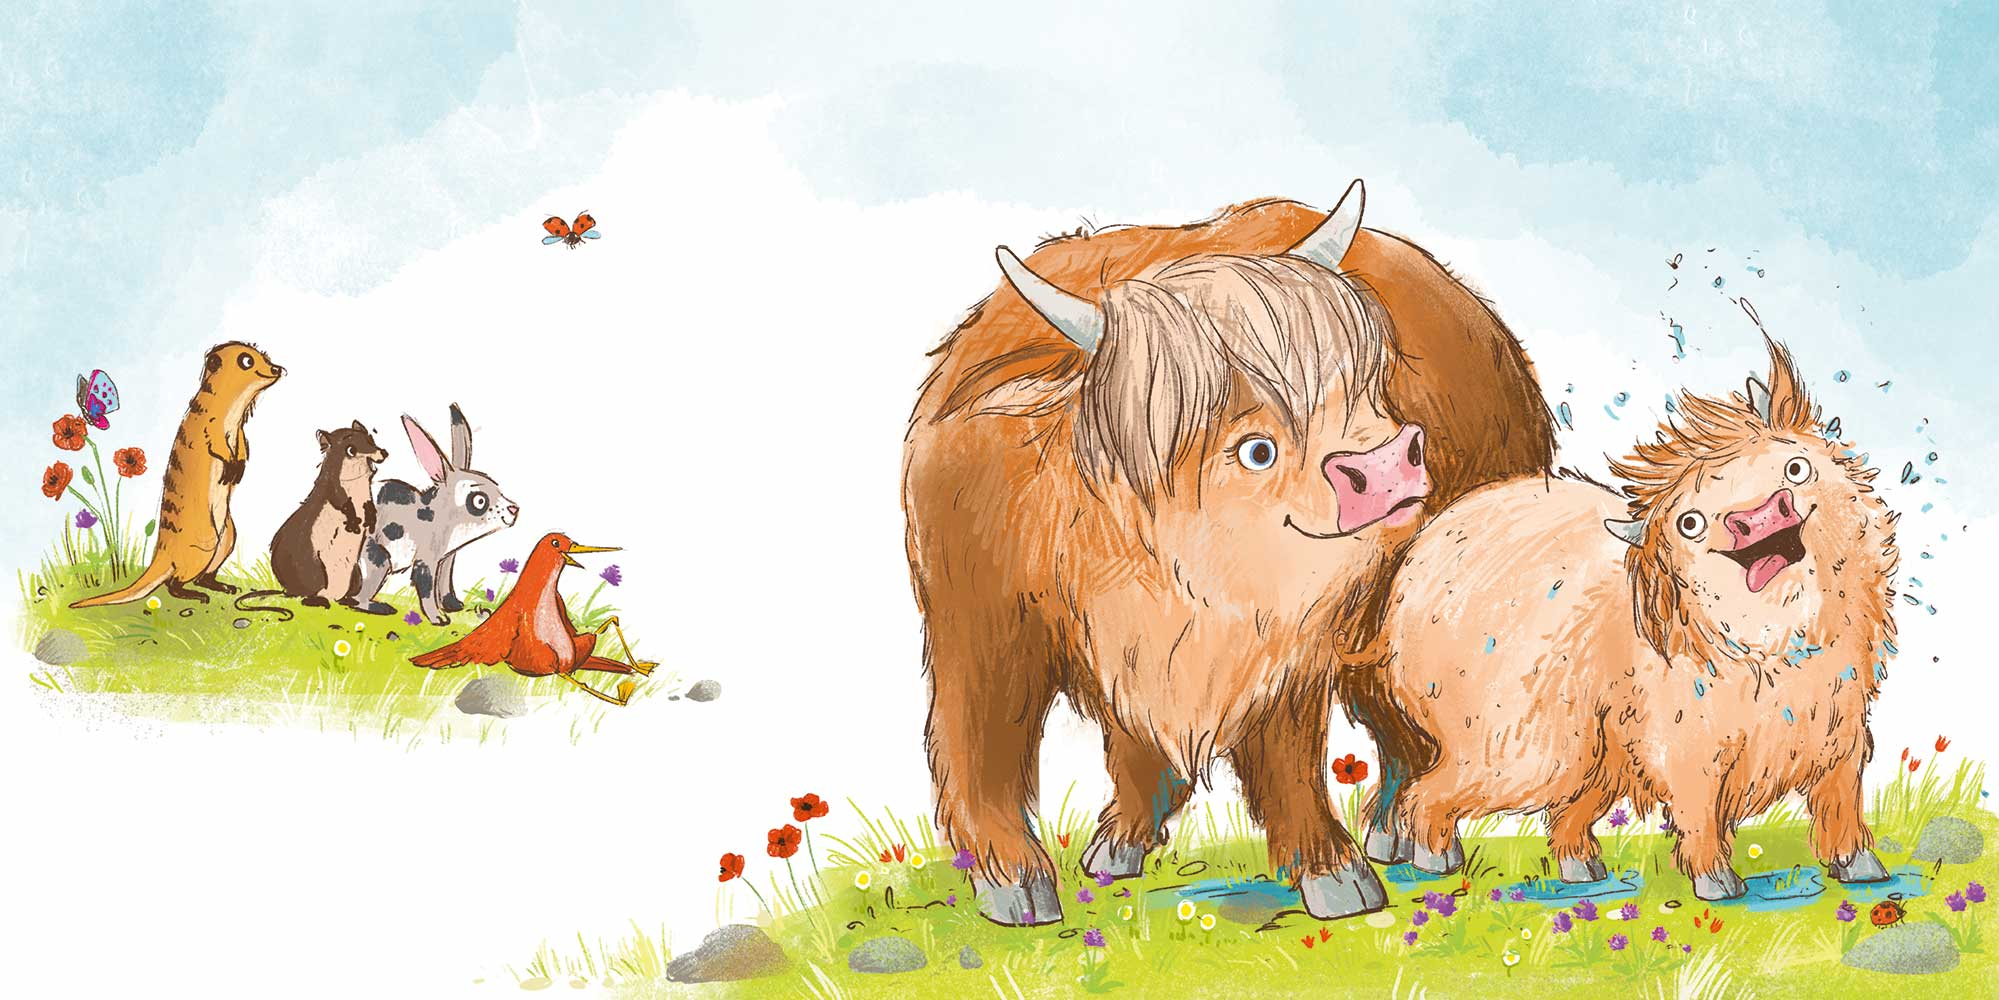 lisa-rammensee-der-kleine-mueffelbueffel-susanne-weber